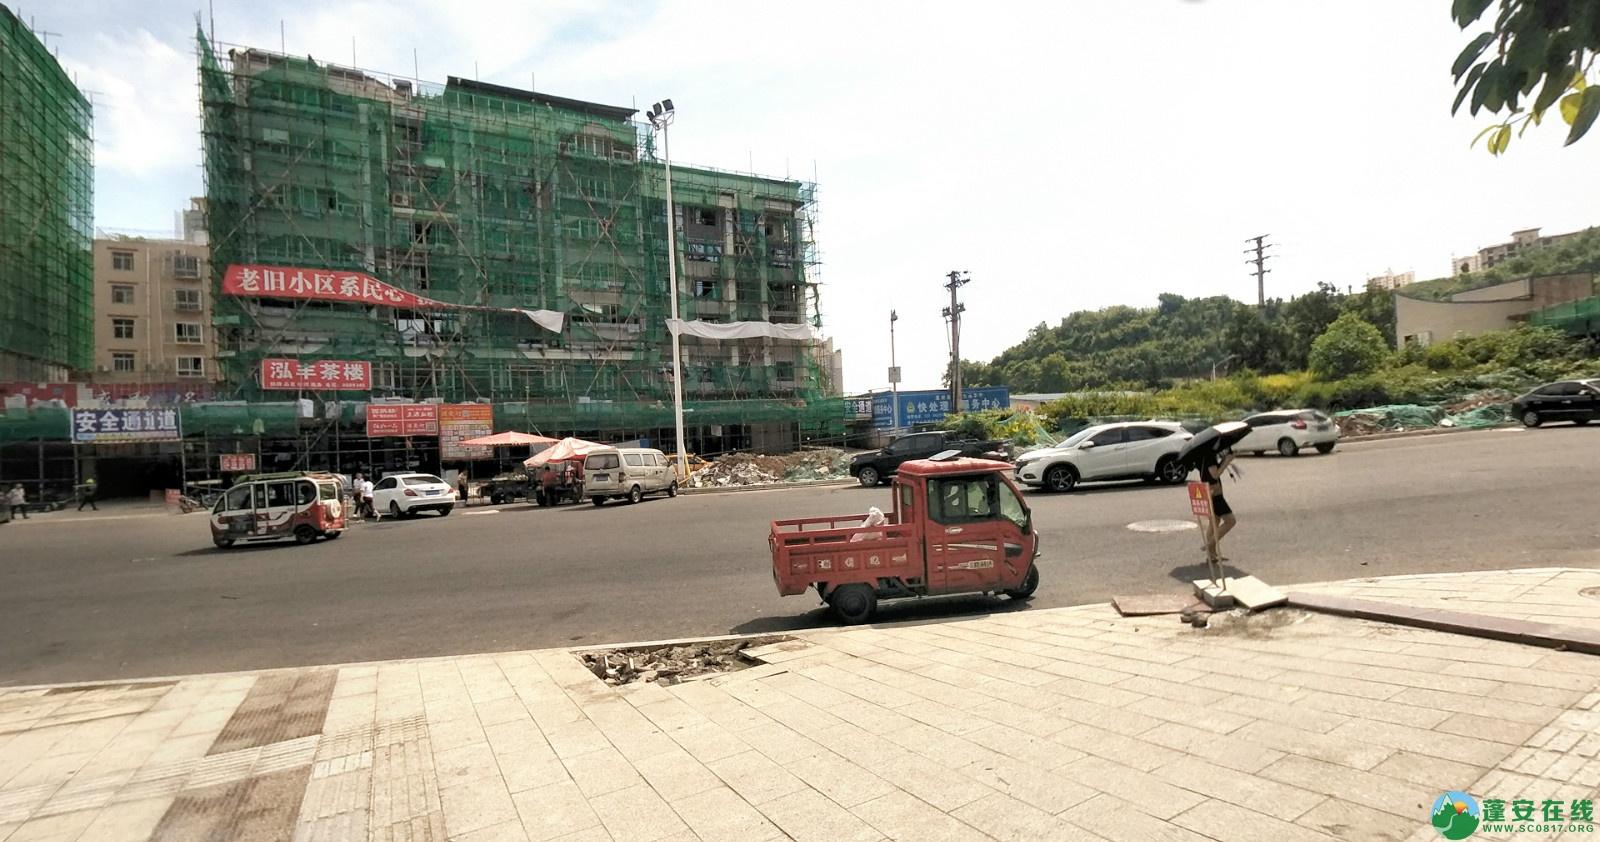 蓬安建设路改造进展(2020-08-05) - 第17张  | 蓬安在线